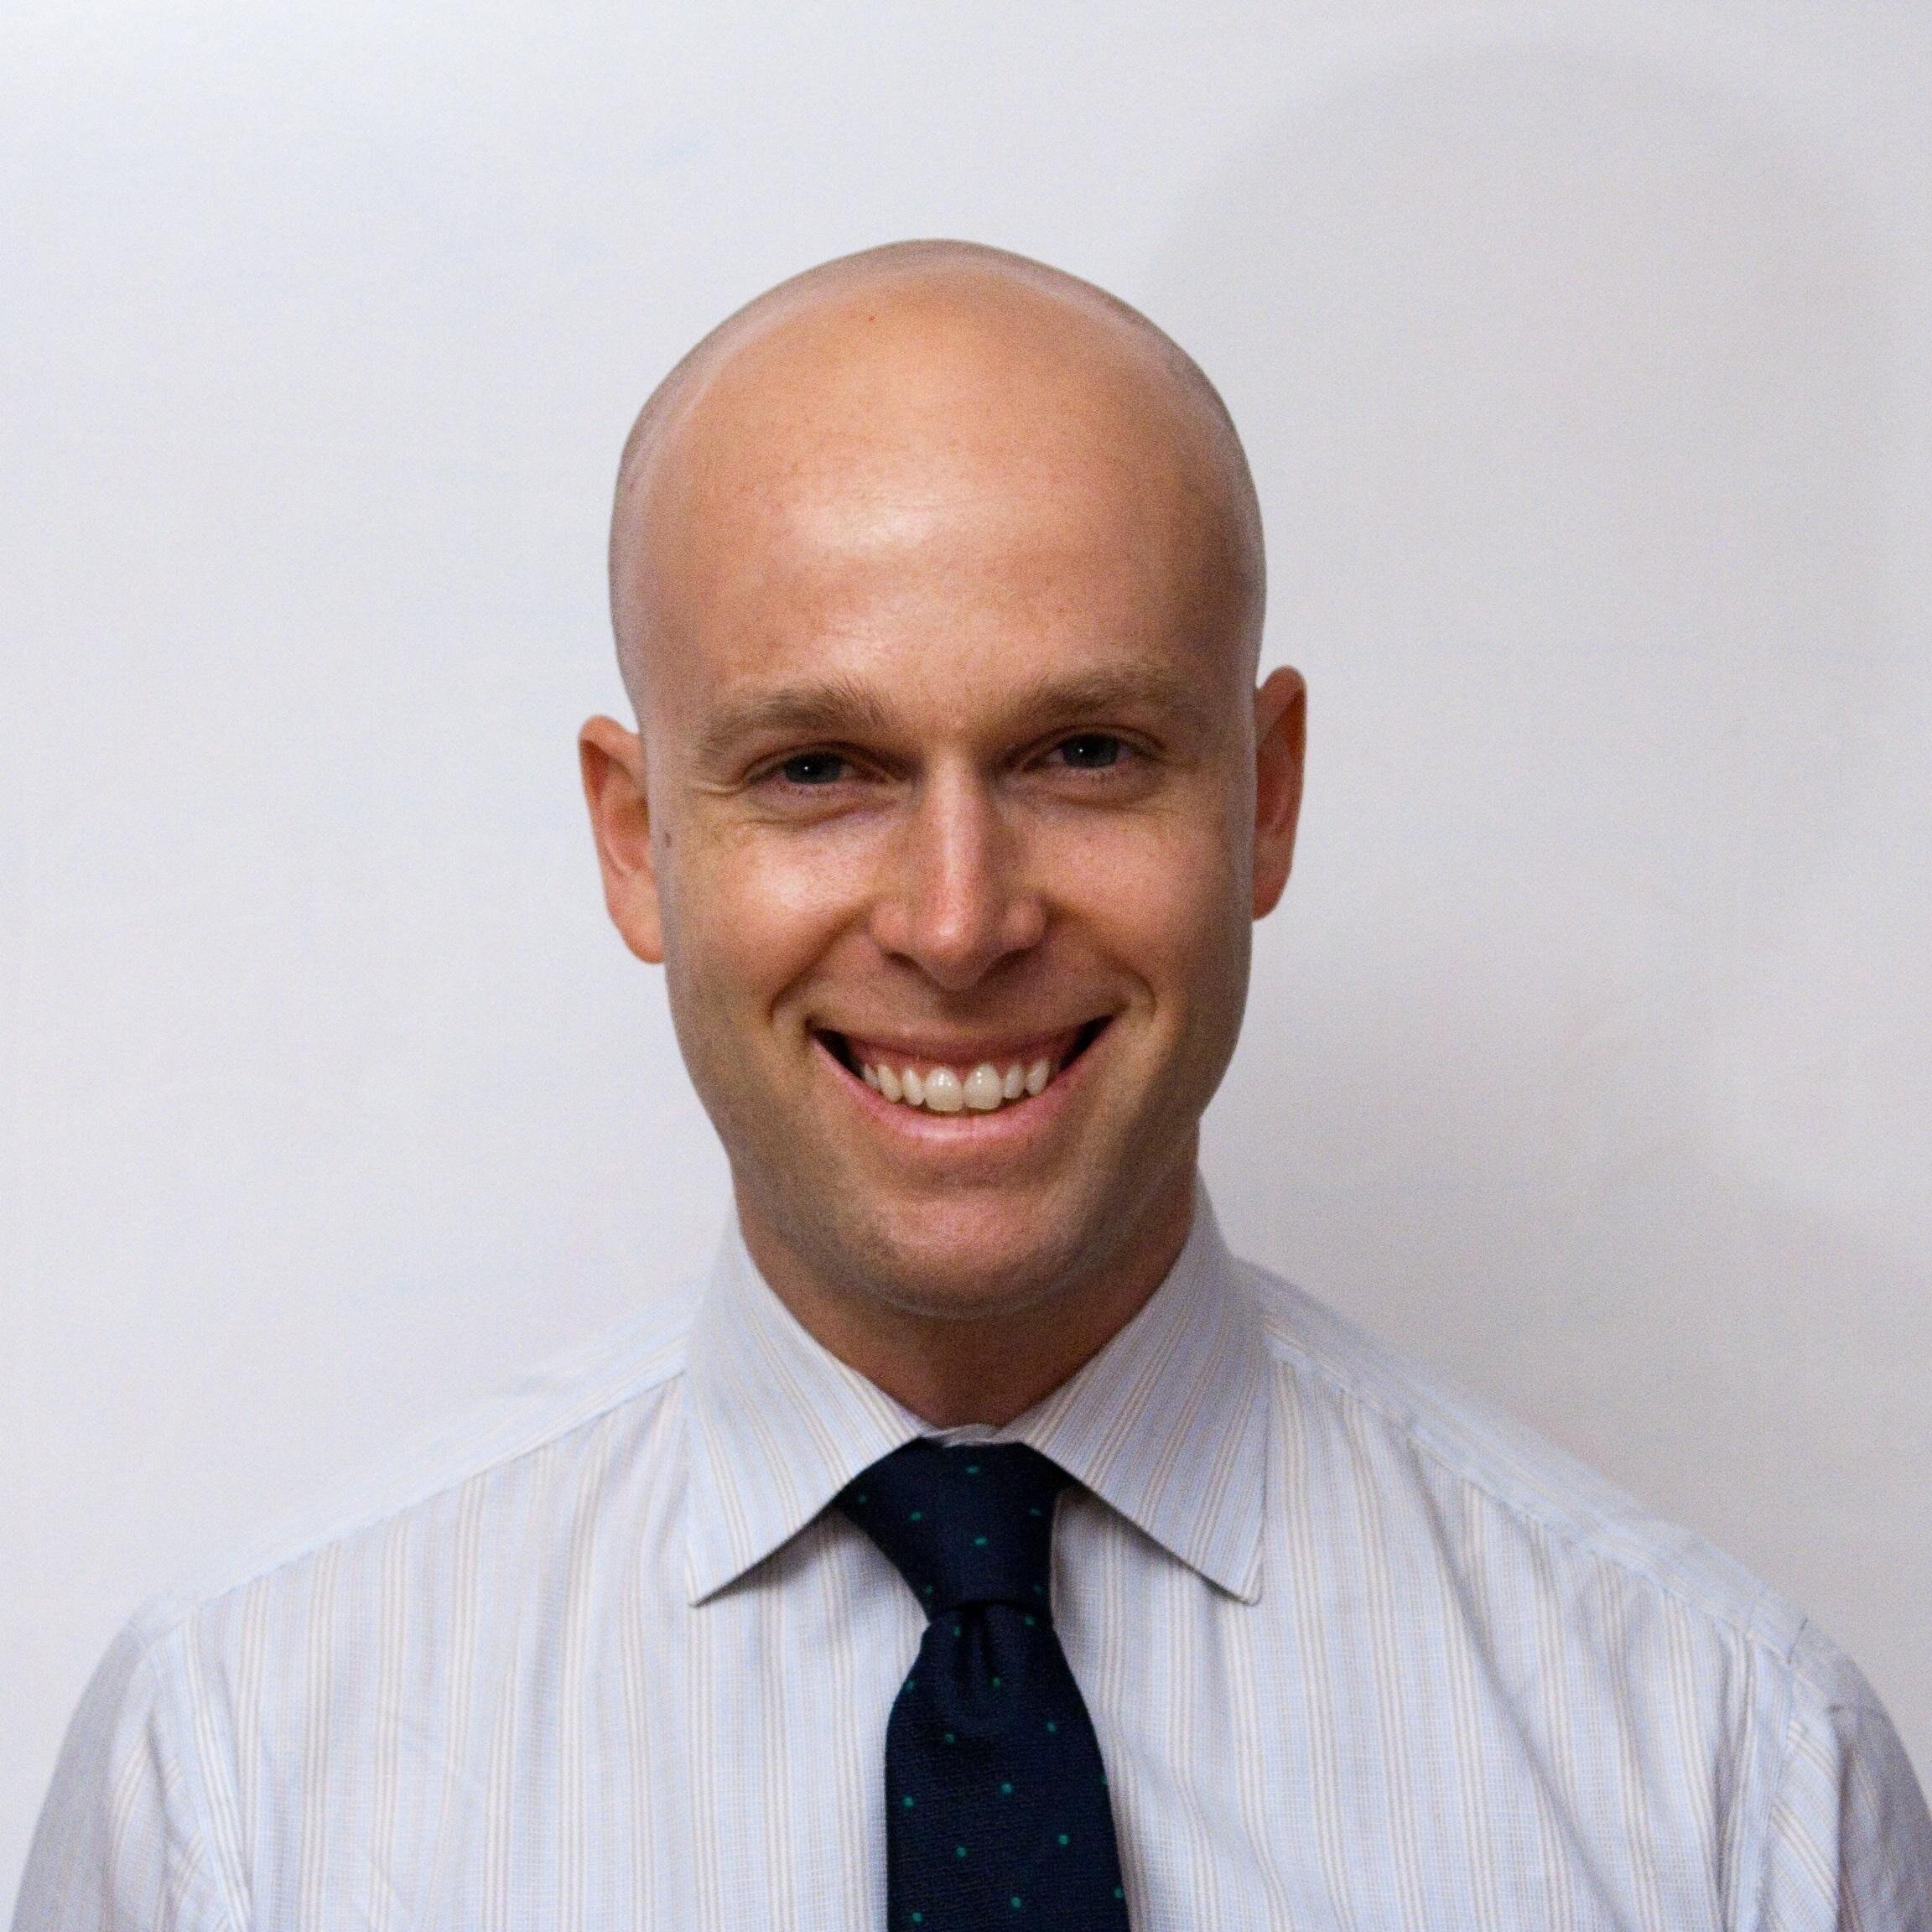 Noah Waisberg